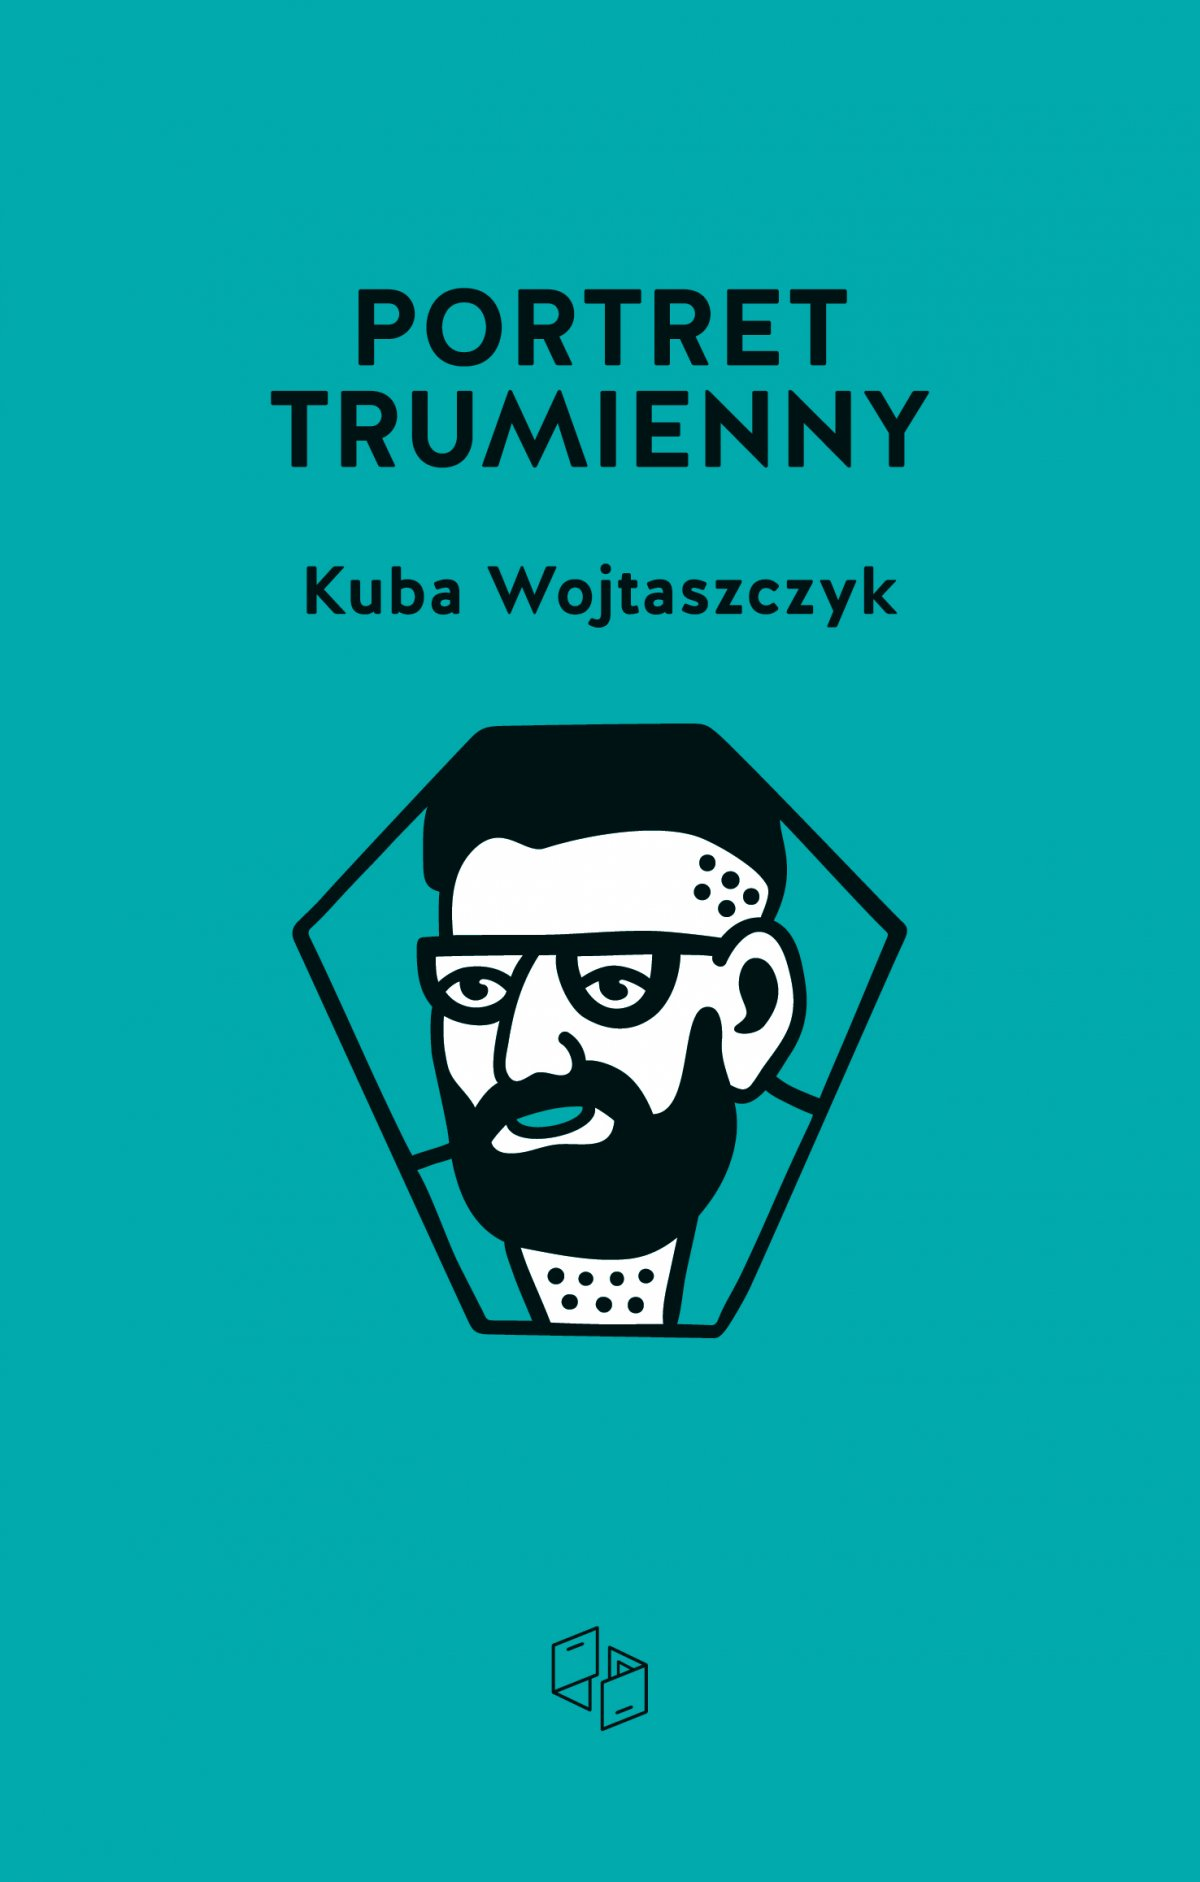 Portret trumienny - Ebook (Książka na Kindle) do pobrania w formacie MOBI